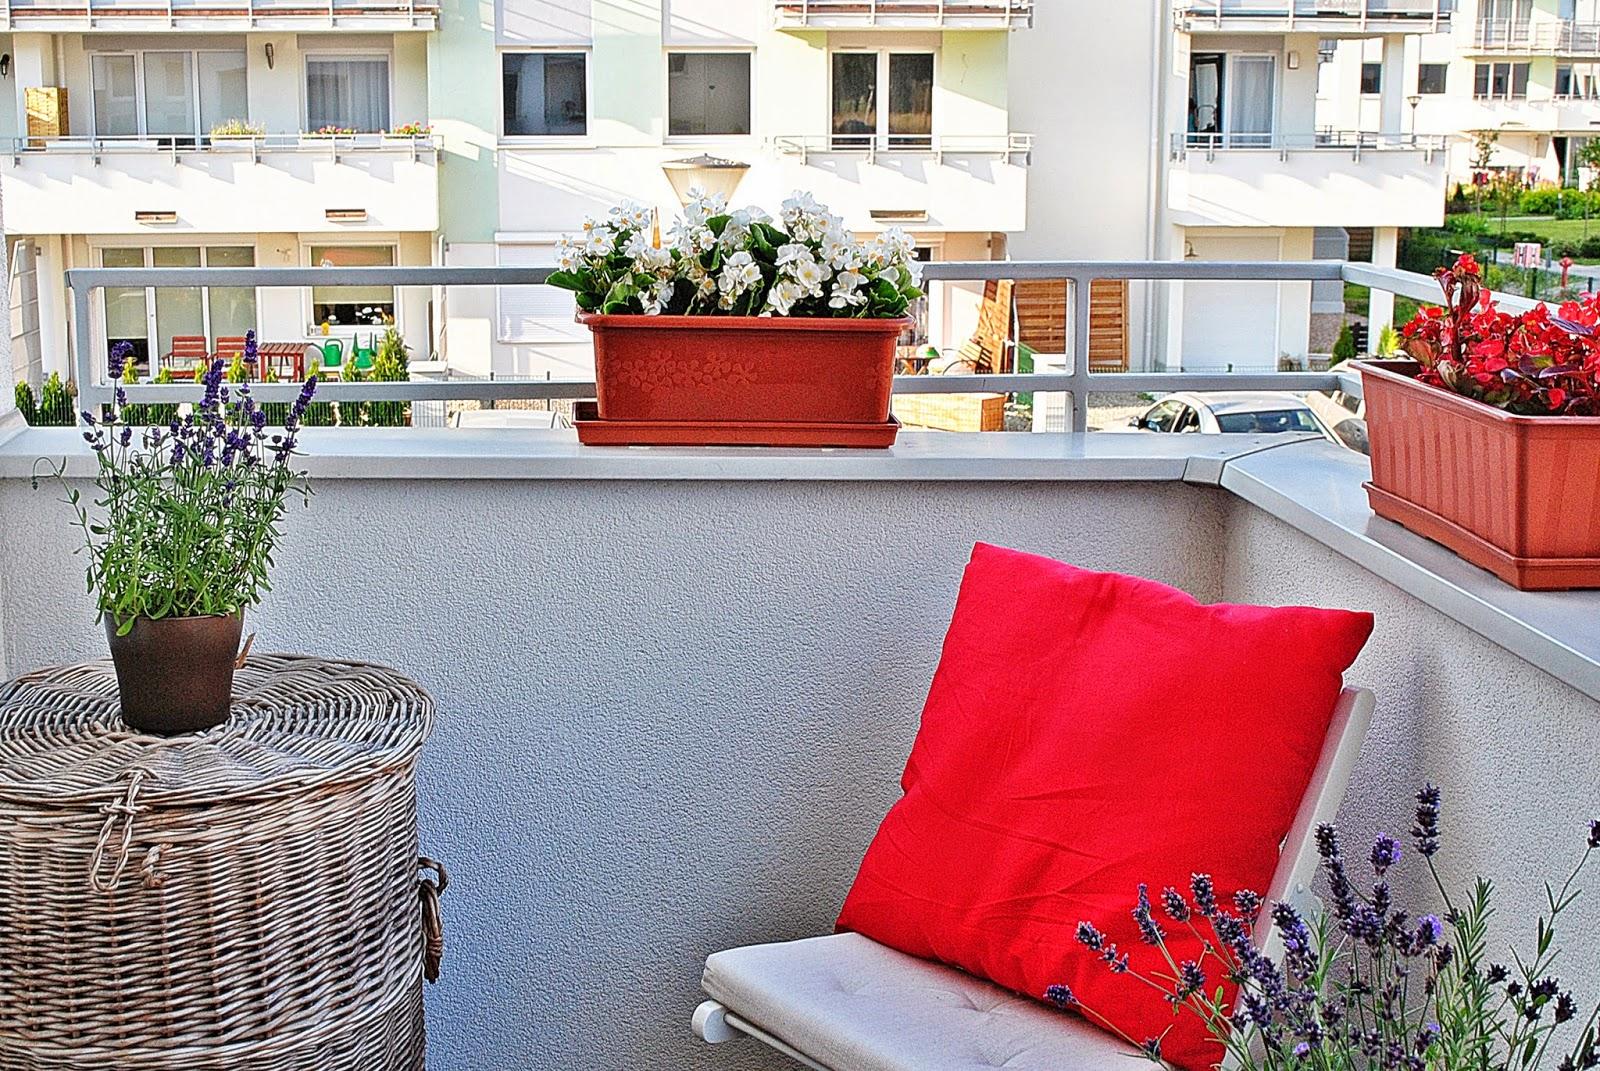 jak_można_urządzić_balkon